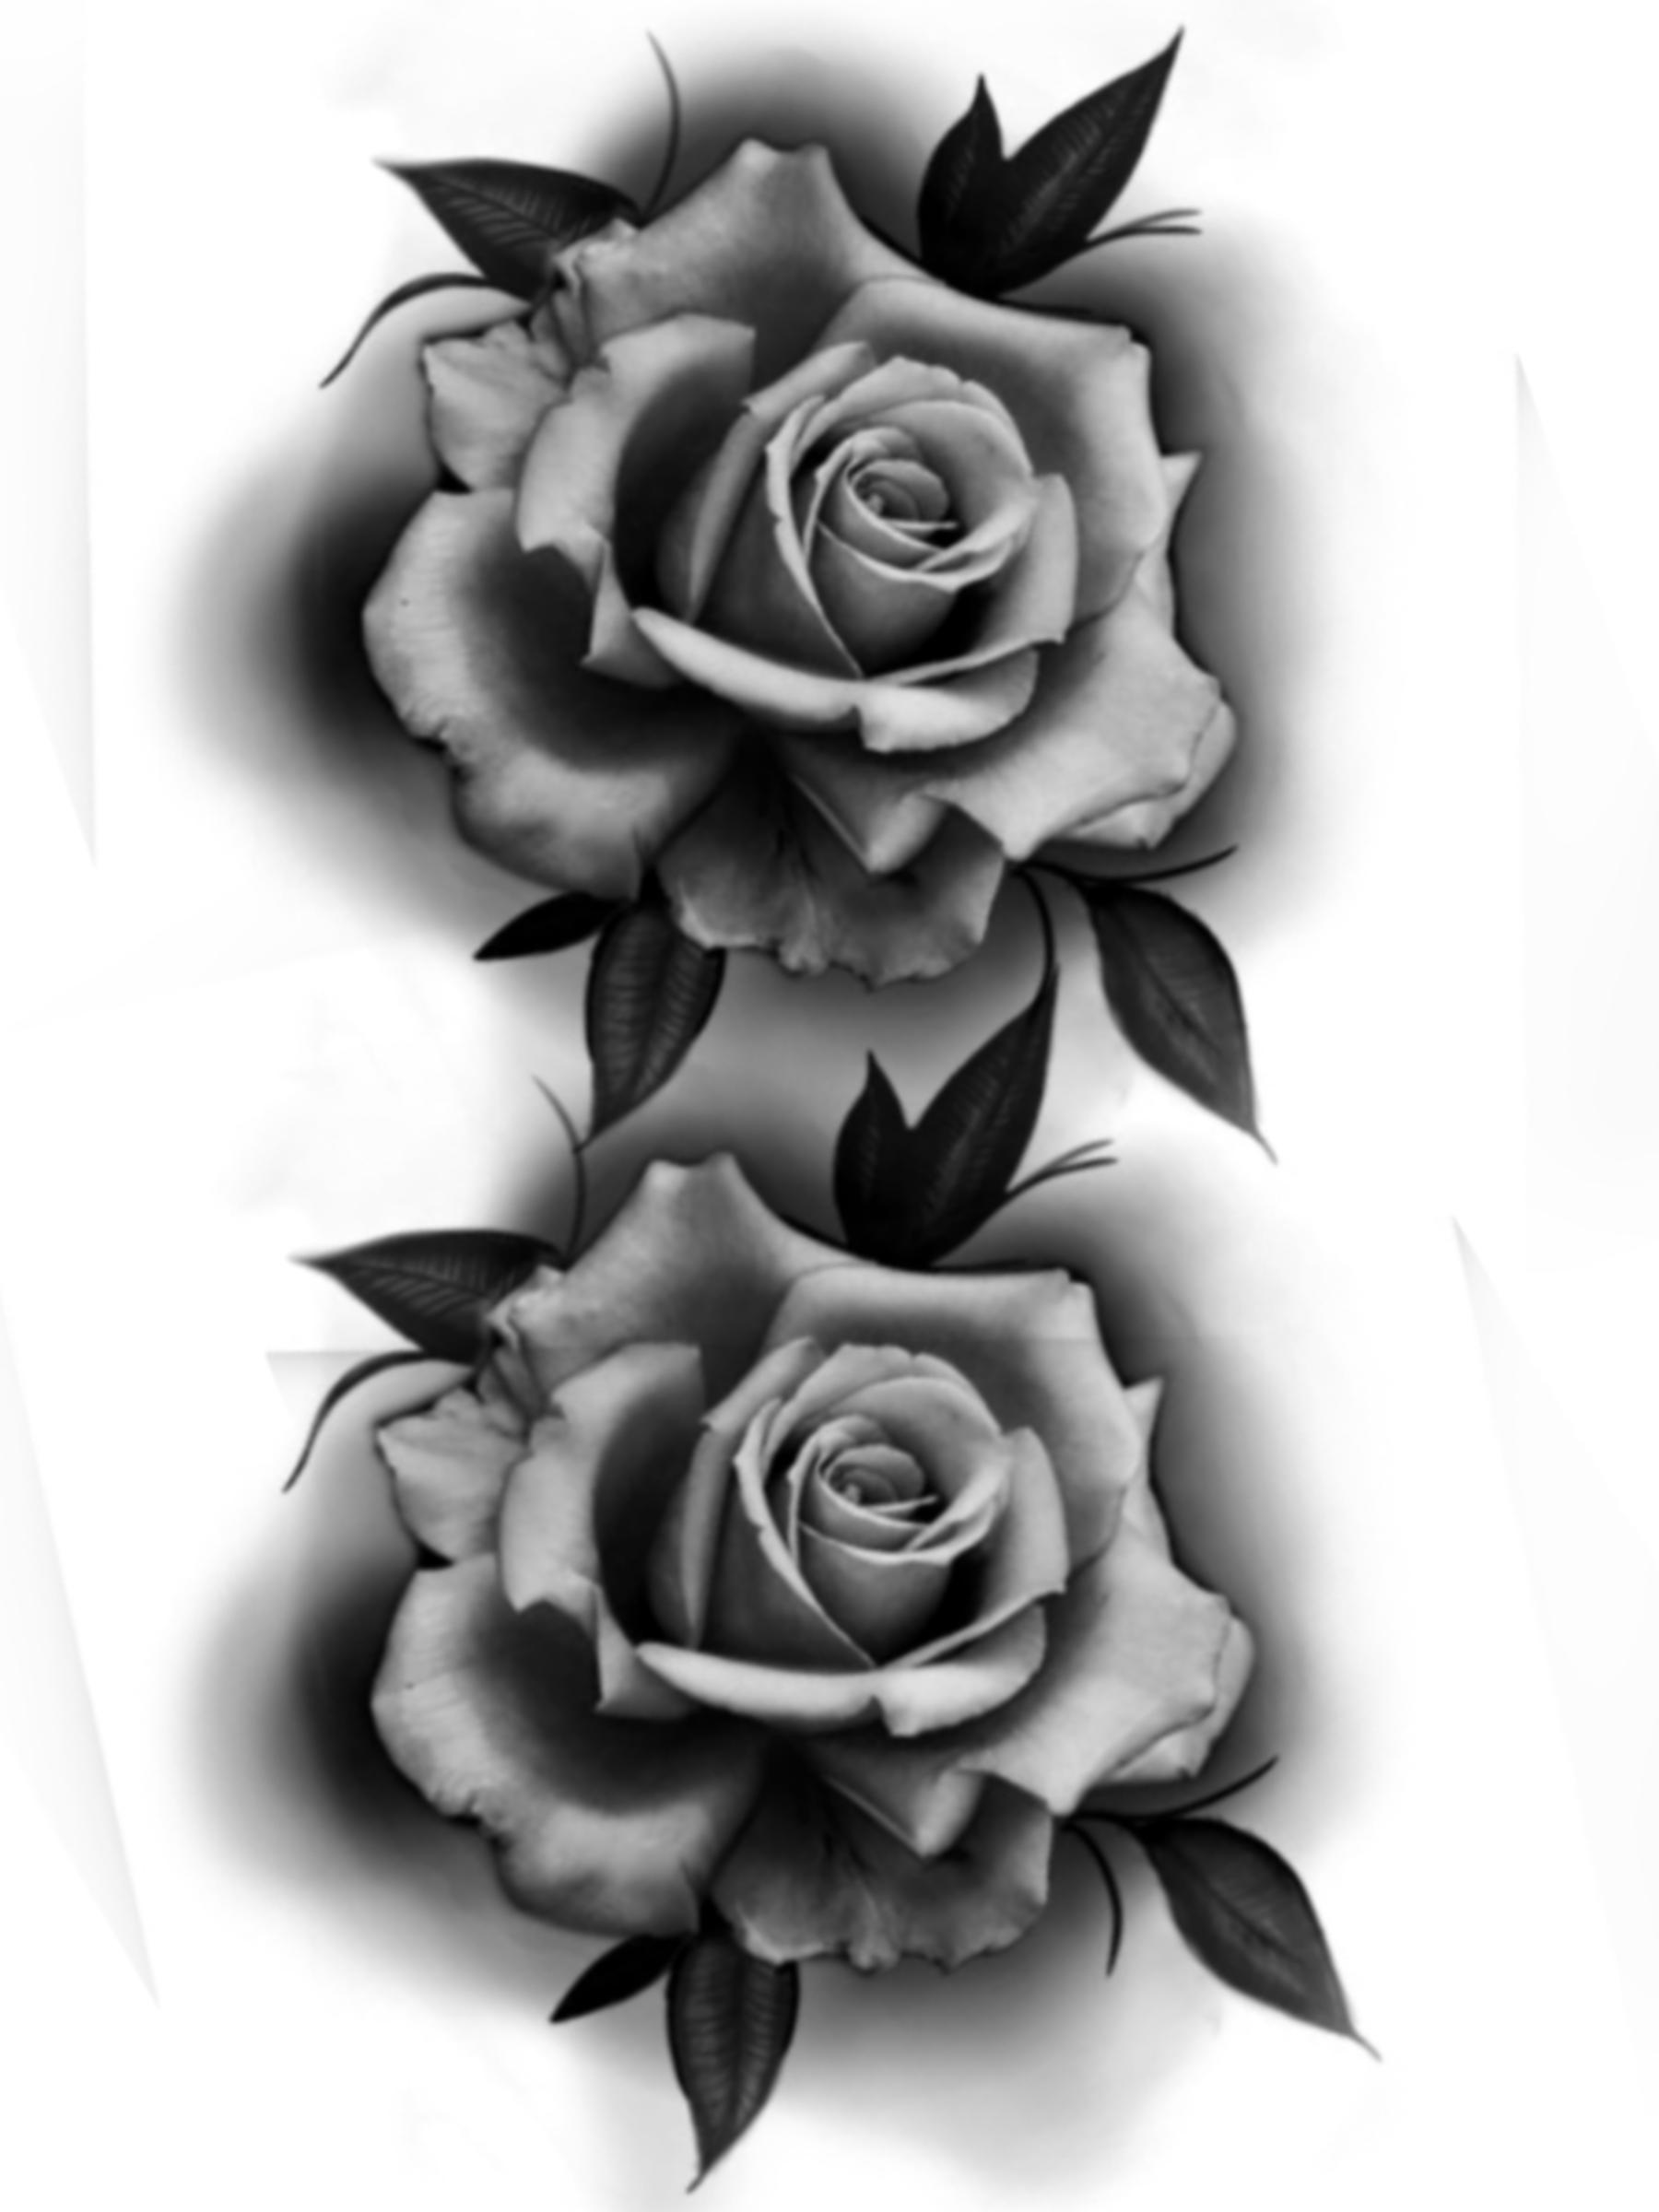 Pin De Juliangomez Em Tattoo Tatuagens De Rosas Negras Tatuagem